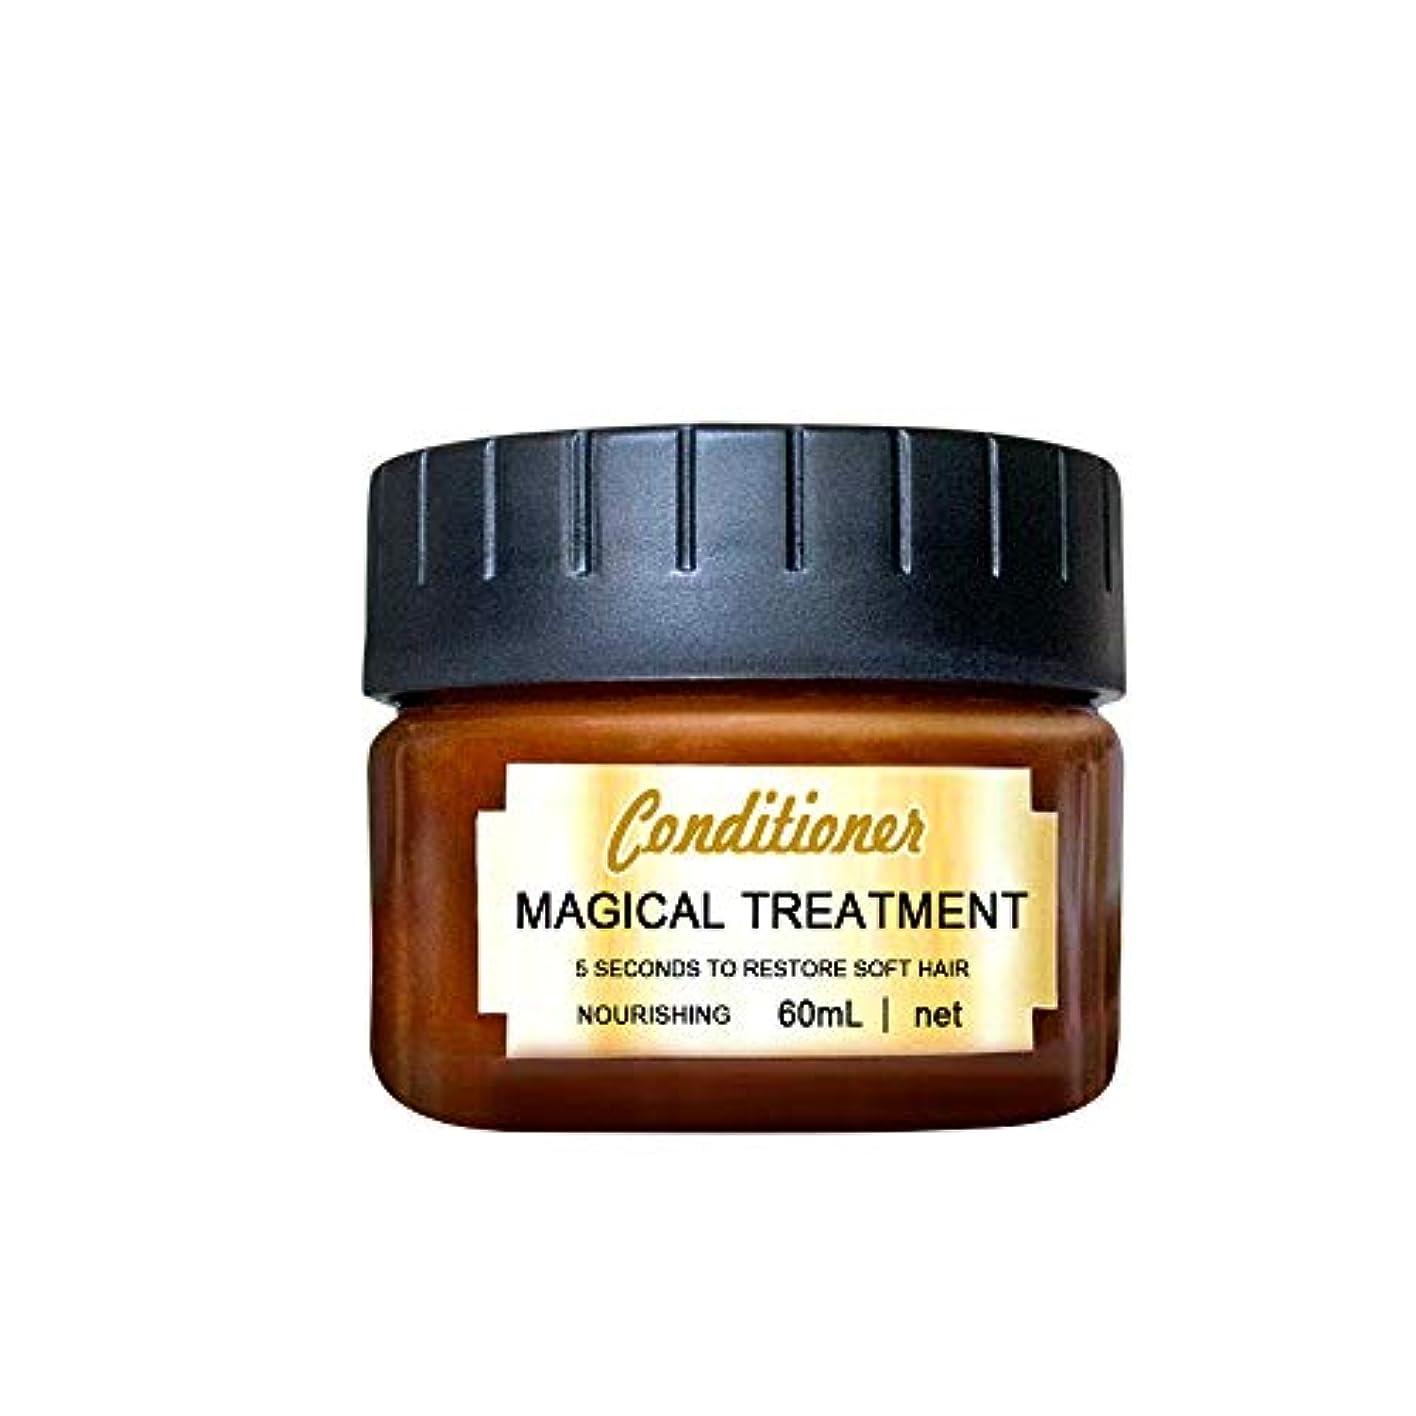 人工的な論理的指定DOUJI植物成分 ヘアケア リッチリペア コンディショナー60mlダメージのある髪へ 弾力性回復 高度な分子毛根治療回復 髪の栄養素を補給トリートメント